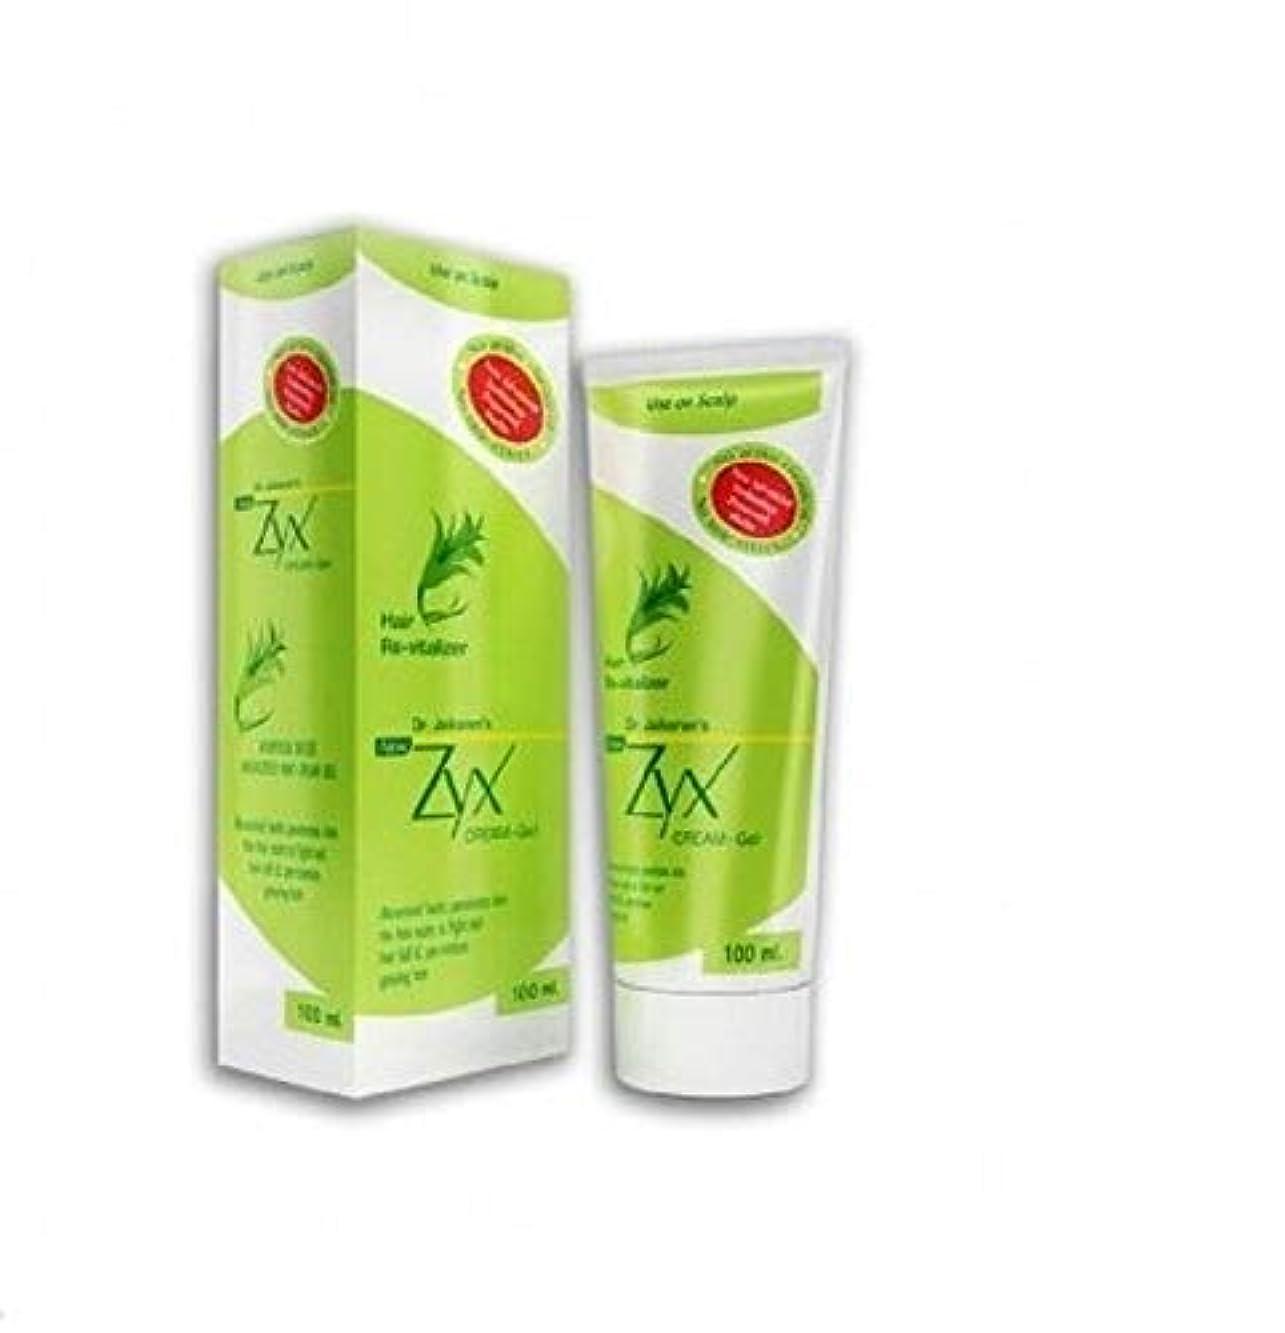 馬鹿げたミネラルネコHair Cream Gel Zyx ヘアクリームジェル 100ml 100% Natural for prevention of Hair related problems 髪の毛の問題を予防するための100%ナチュラル